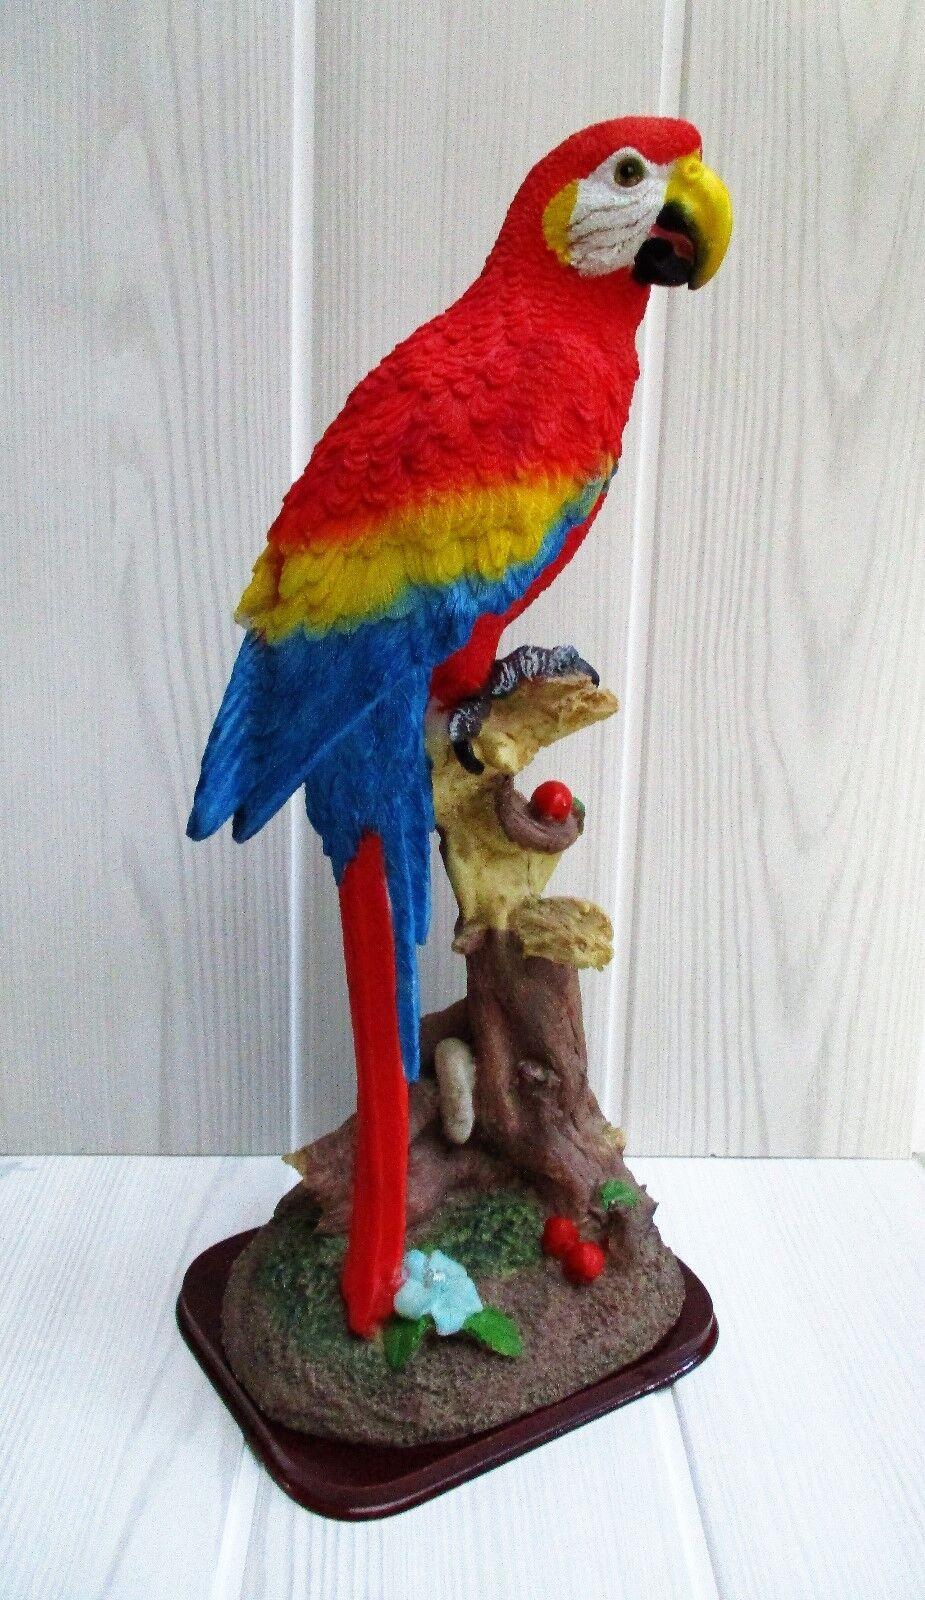 Grande figurine oiseaux Perroquet / bird Parrot sur socle en bois